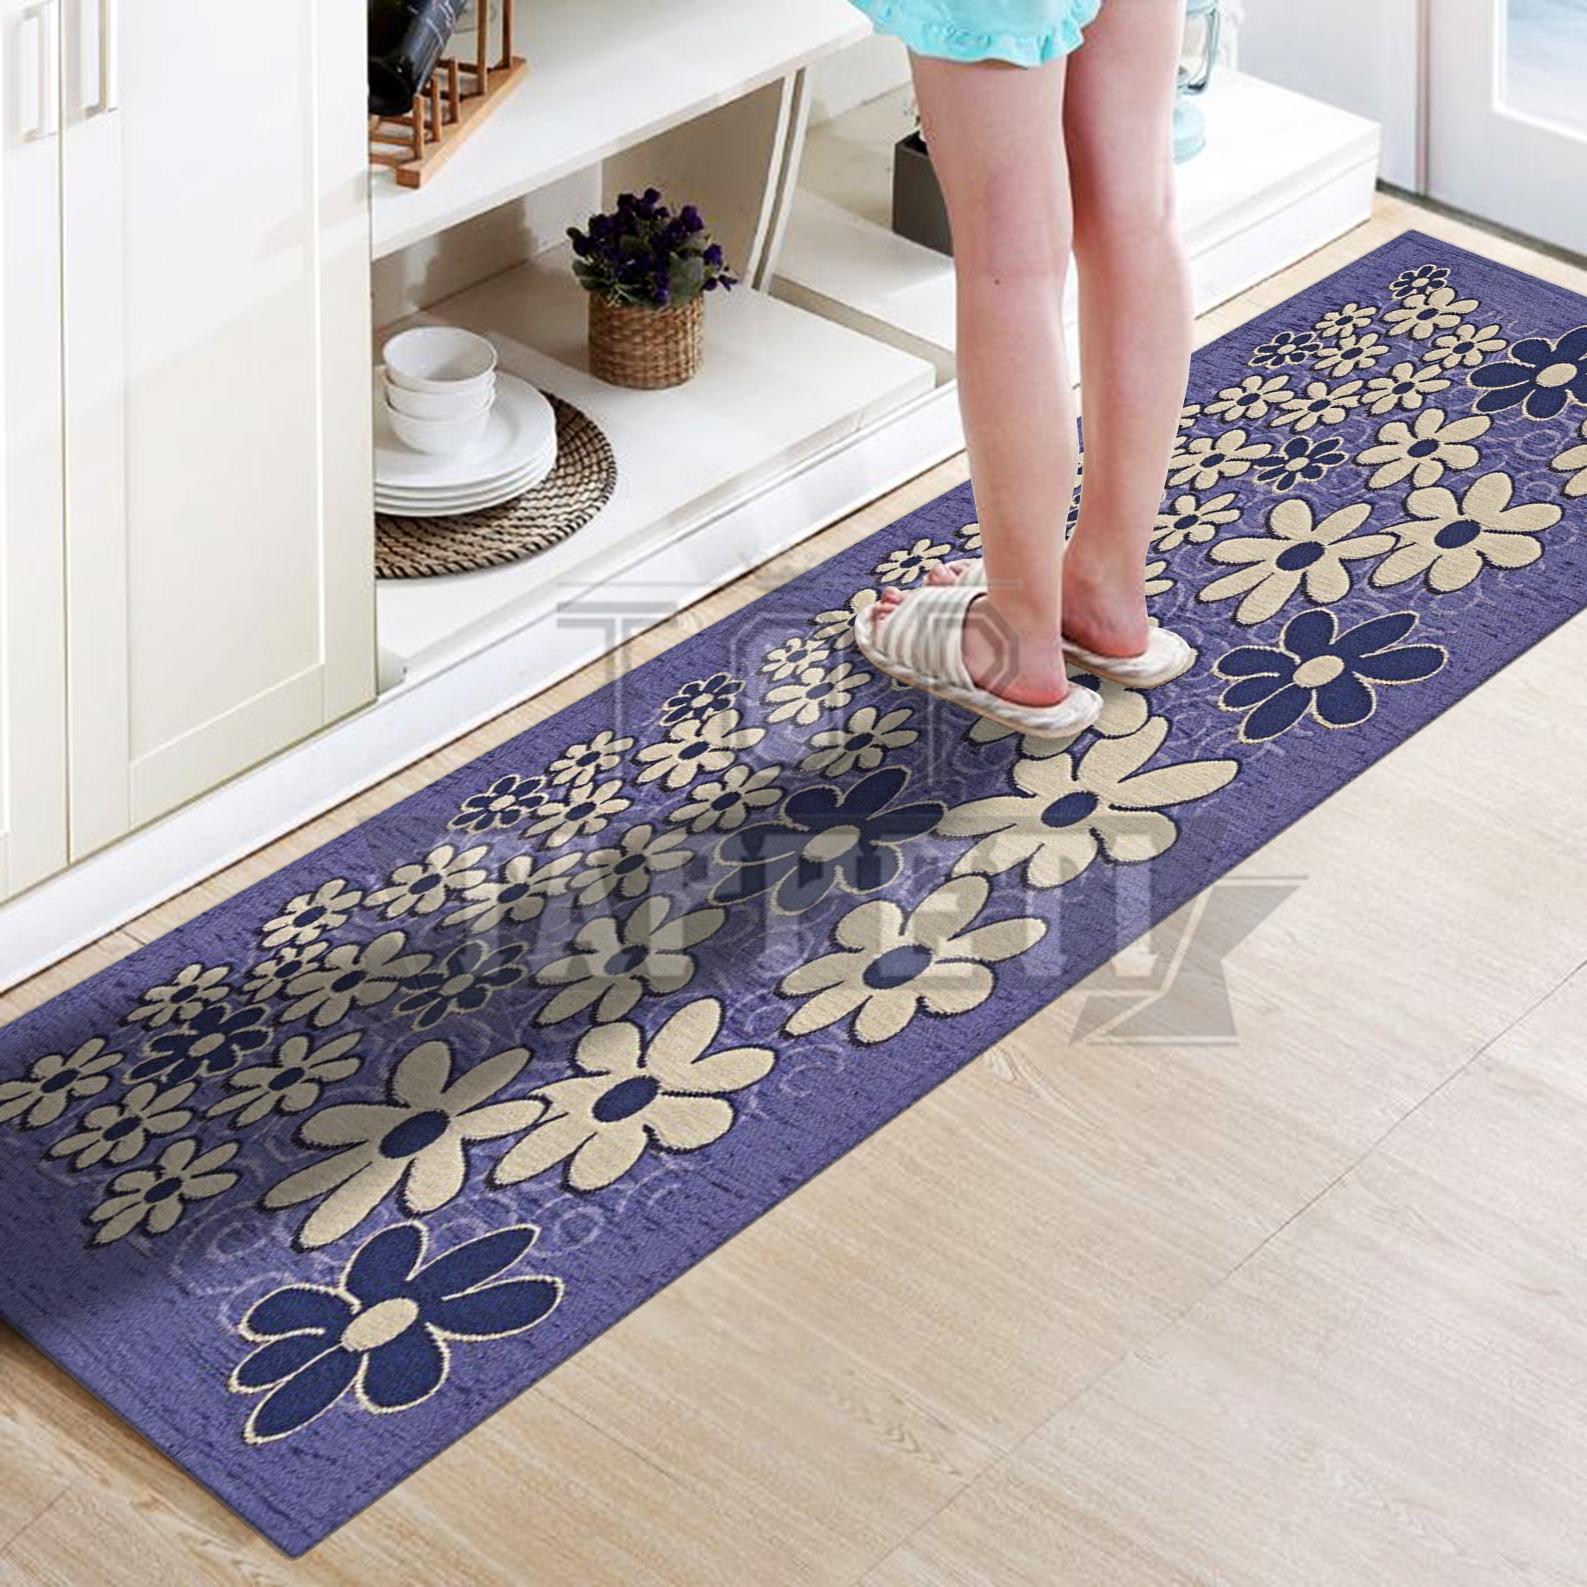 Margherita grigio tappeto passatoia cucina bagno - Tappetino cucina ...